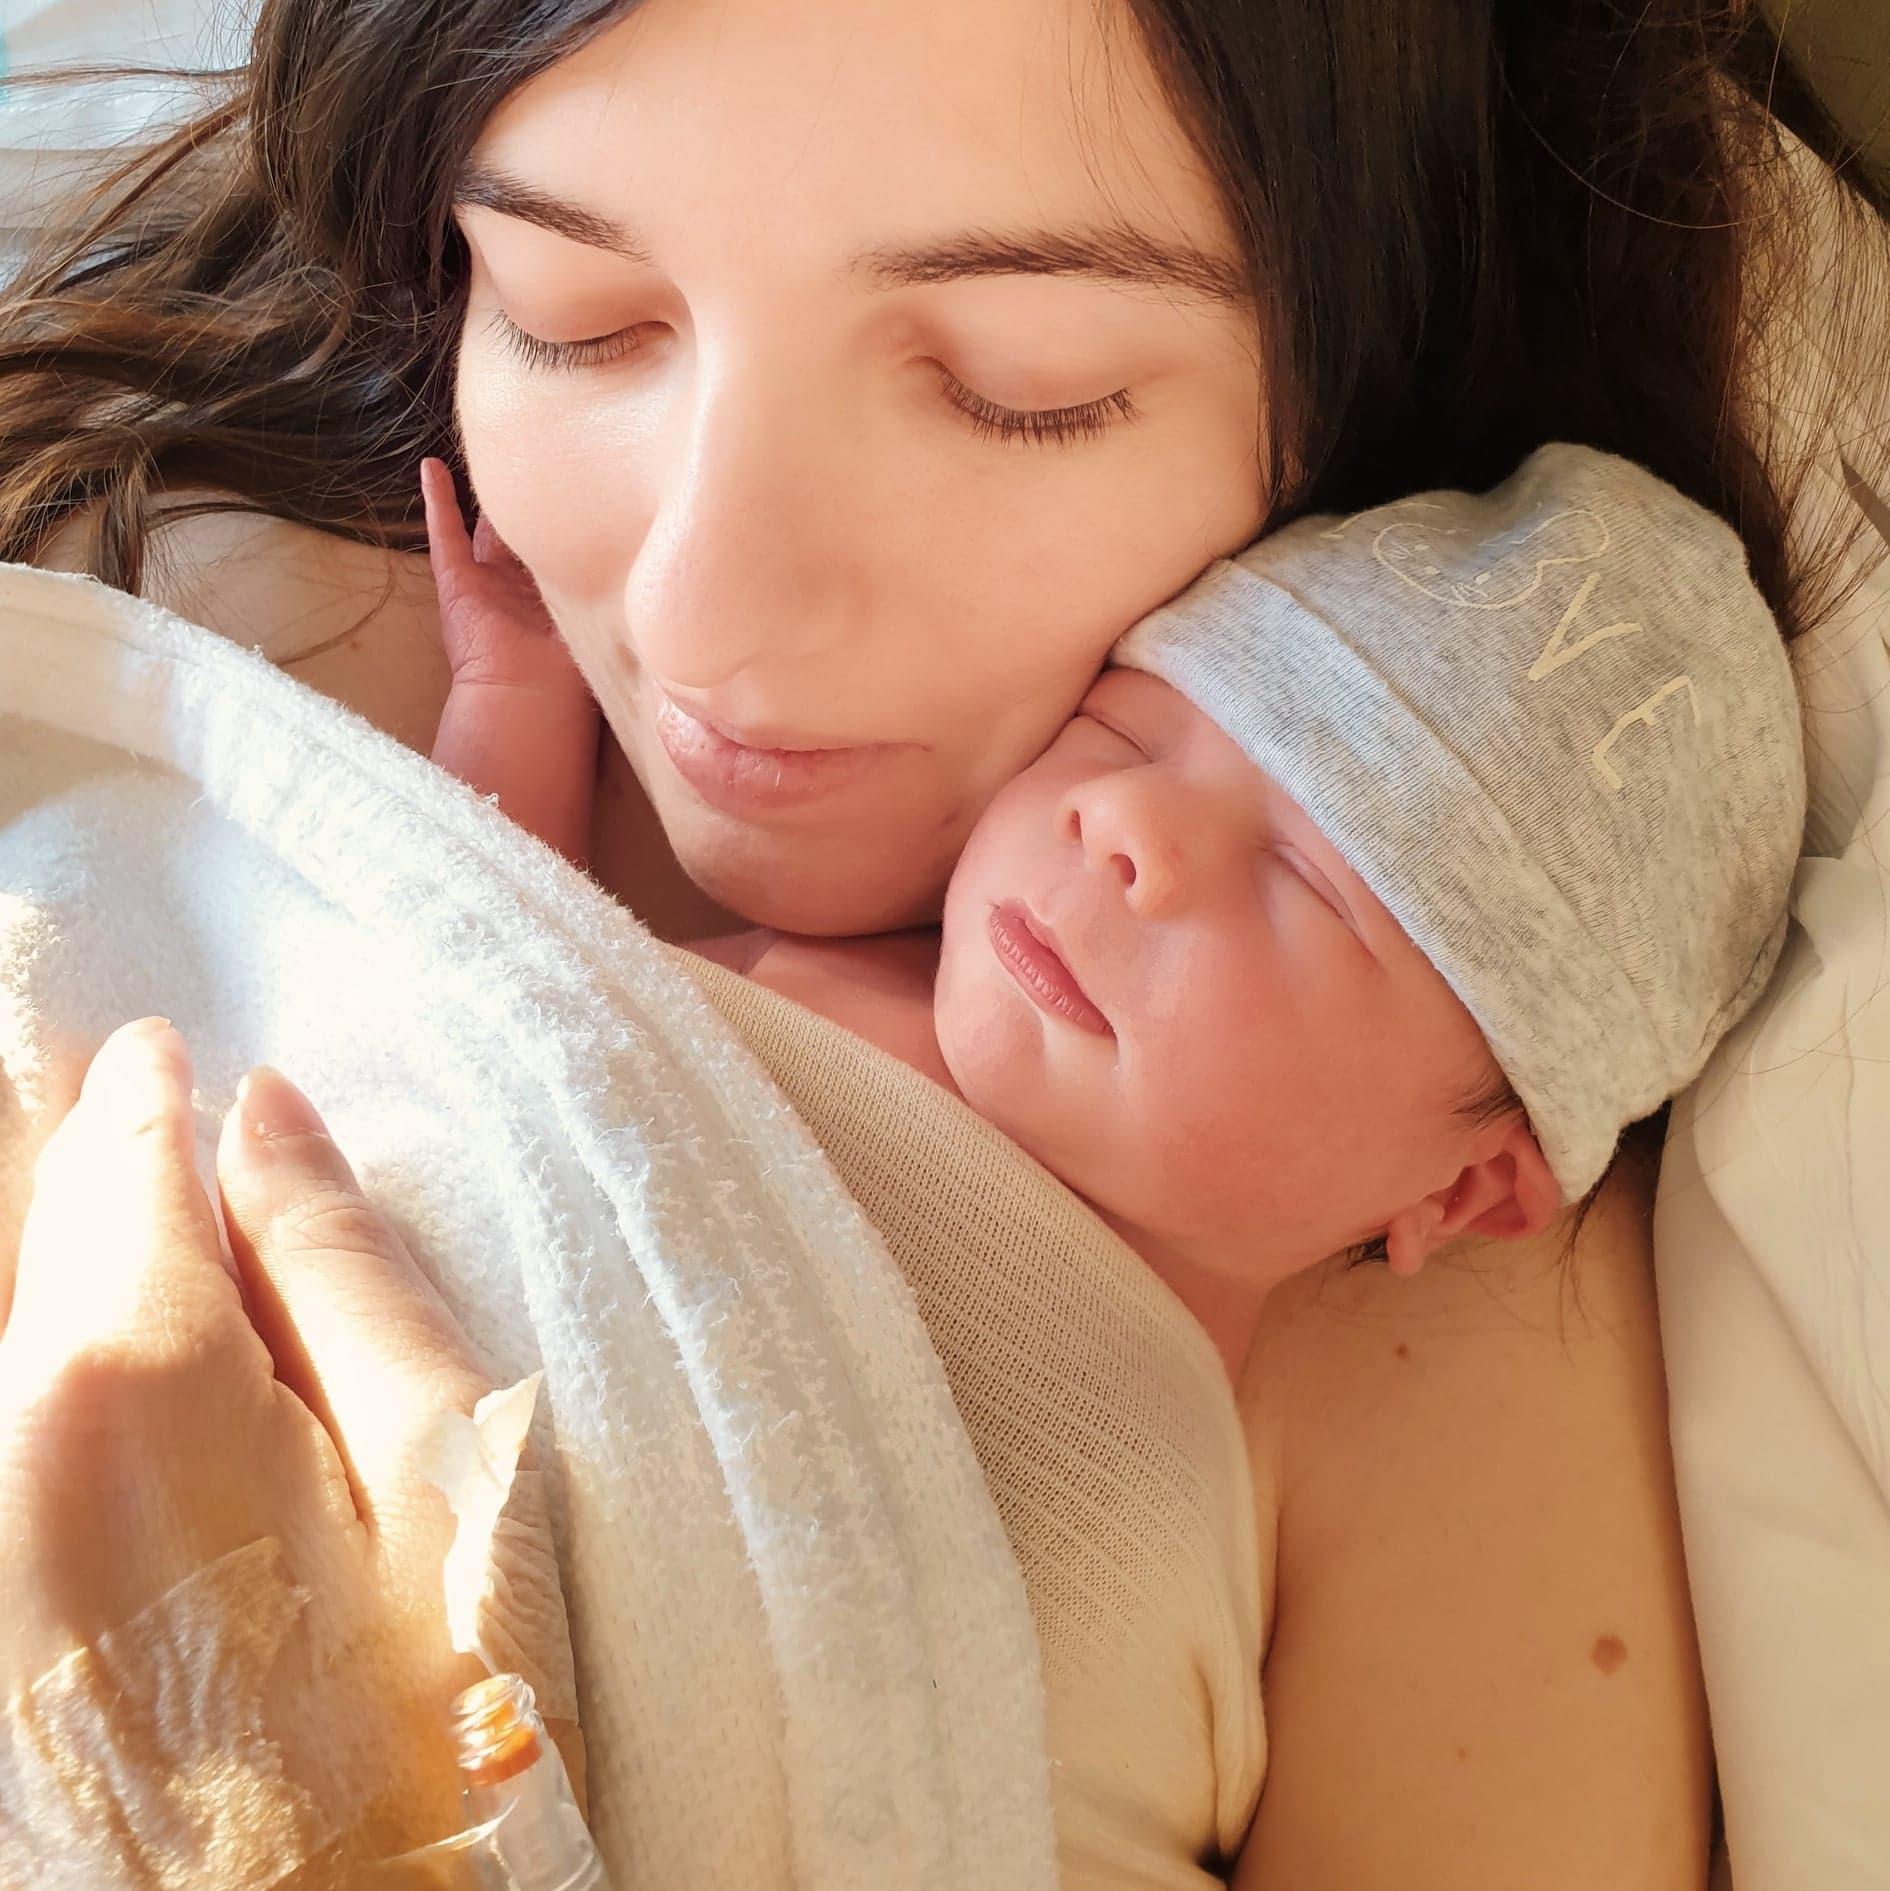 Maman et son bébé après l'accouchement